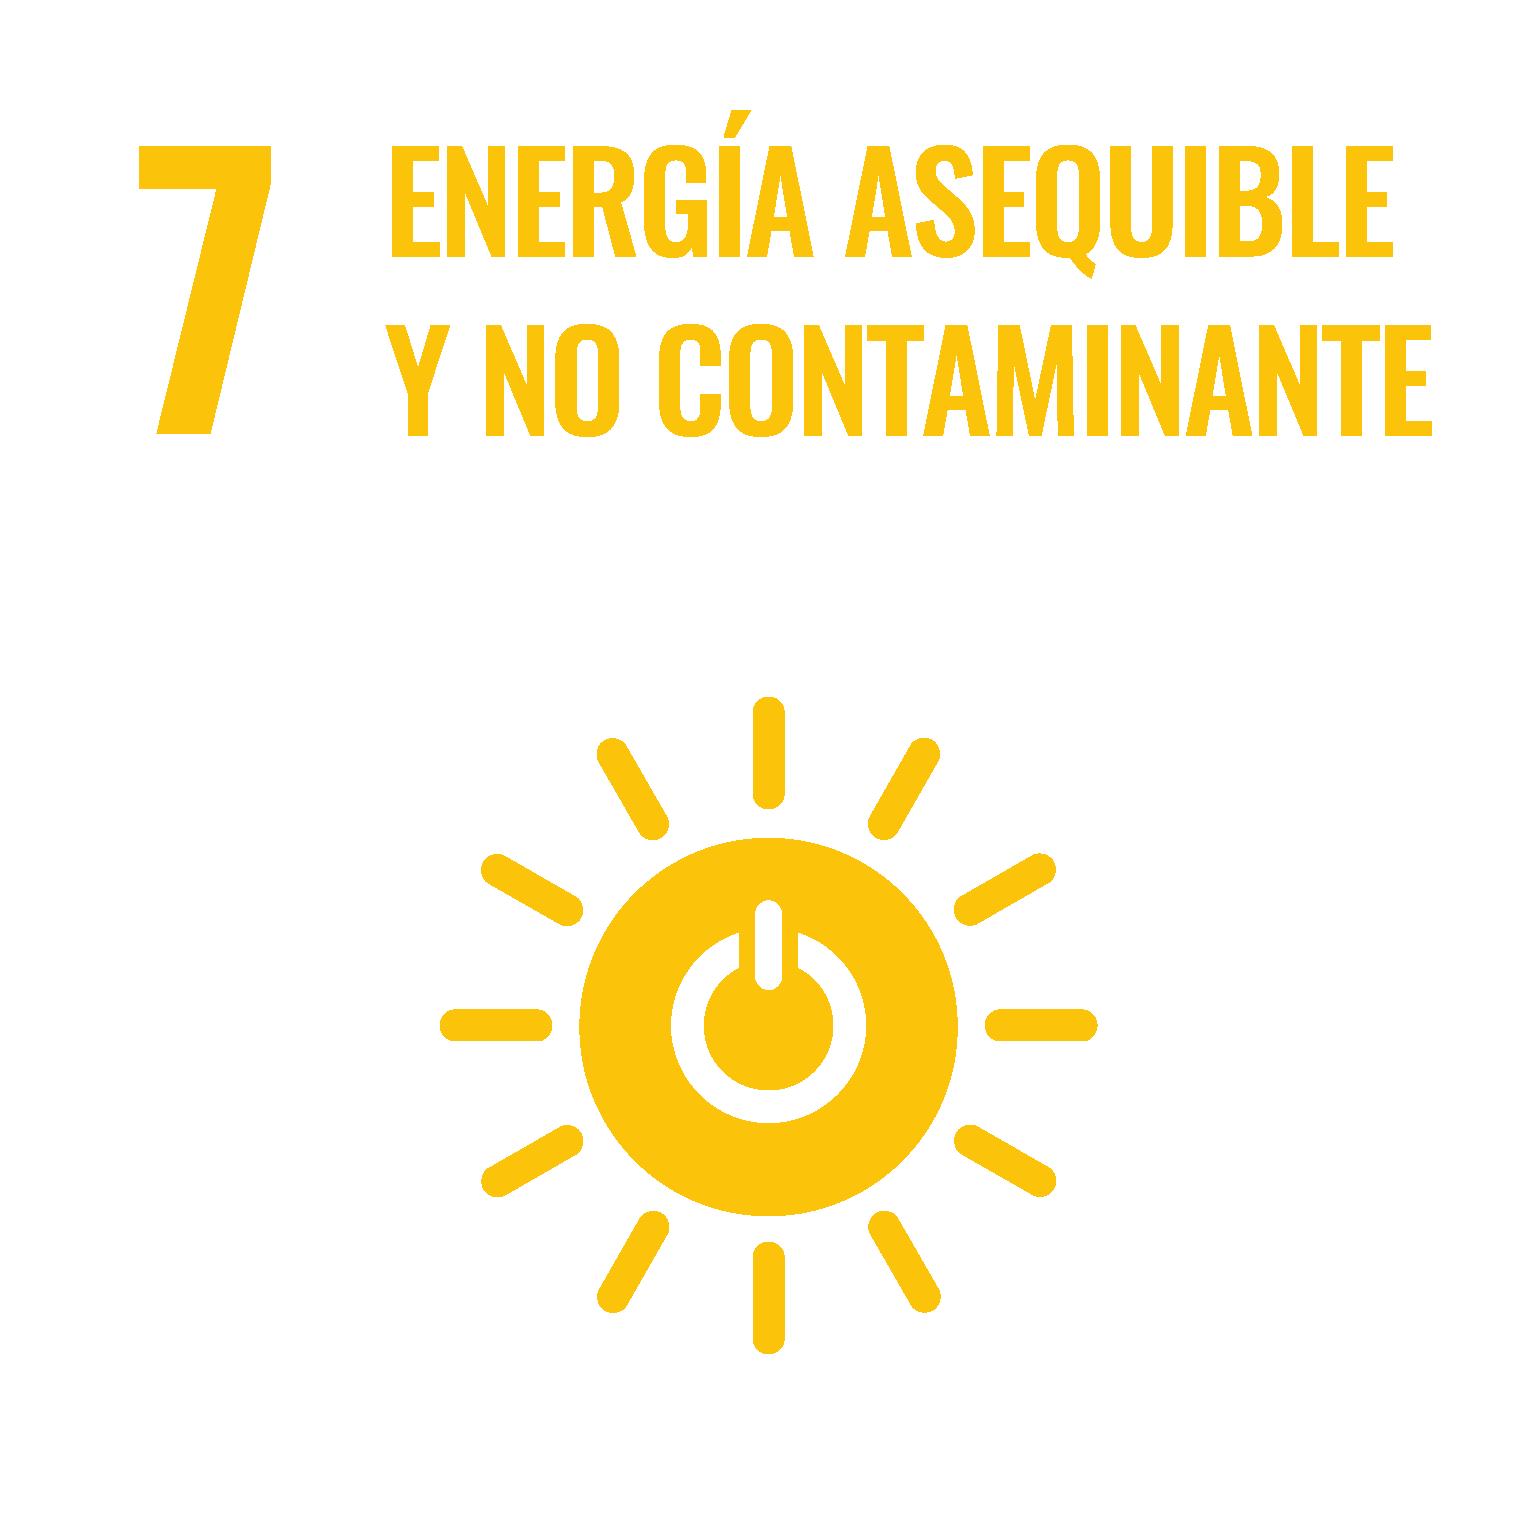 Objetivo onu energía asequible y no contaminante